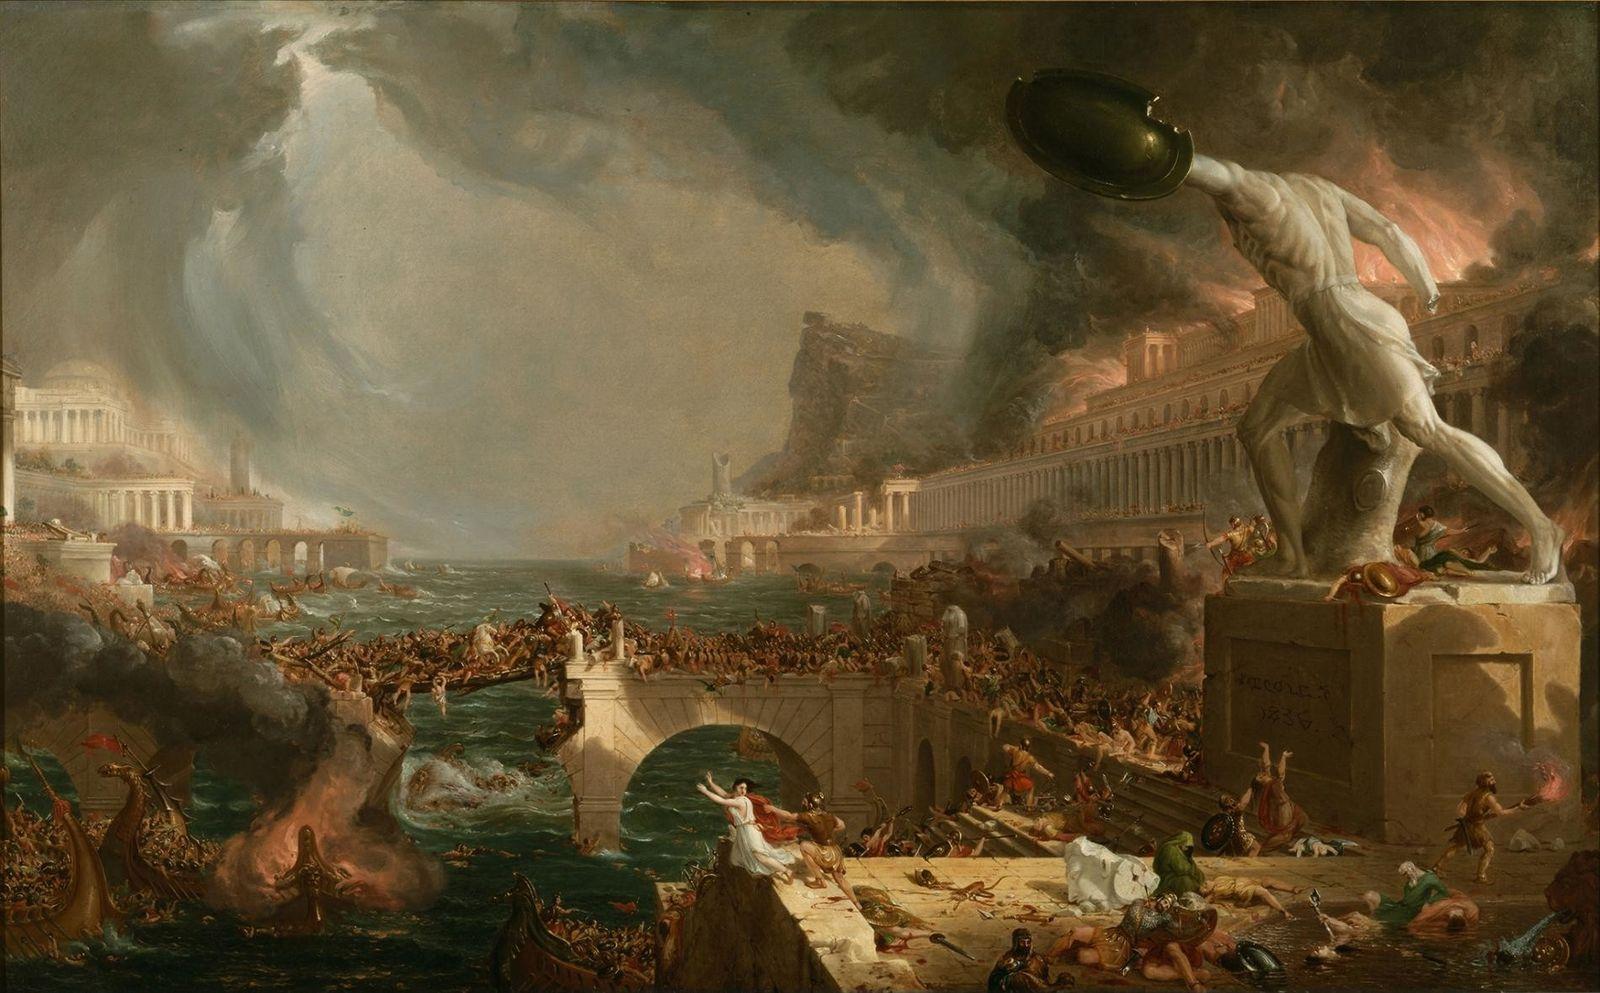 Le cours de l'Empire Destruction humaine (1836). Peinture de Thomas Cole.